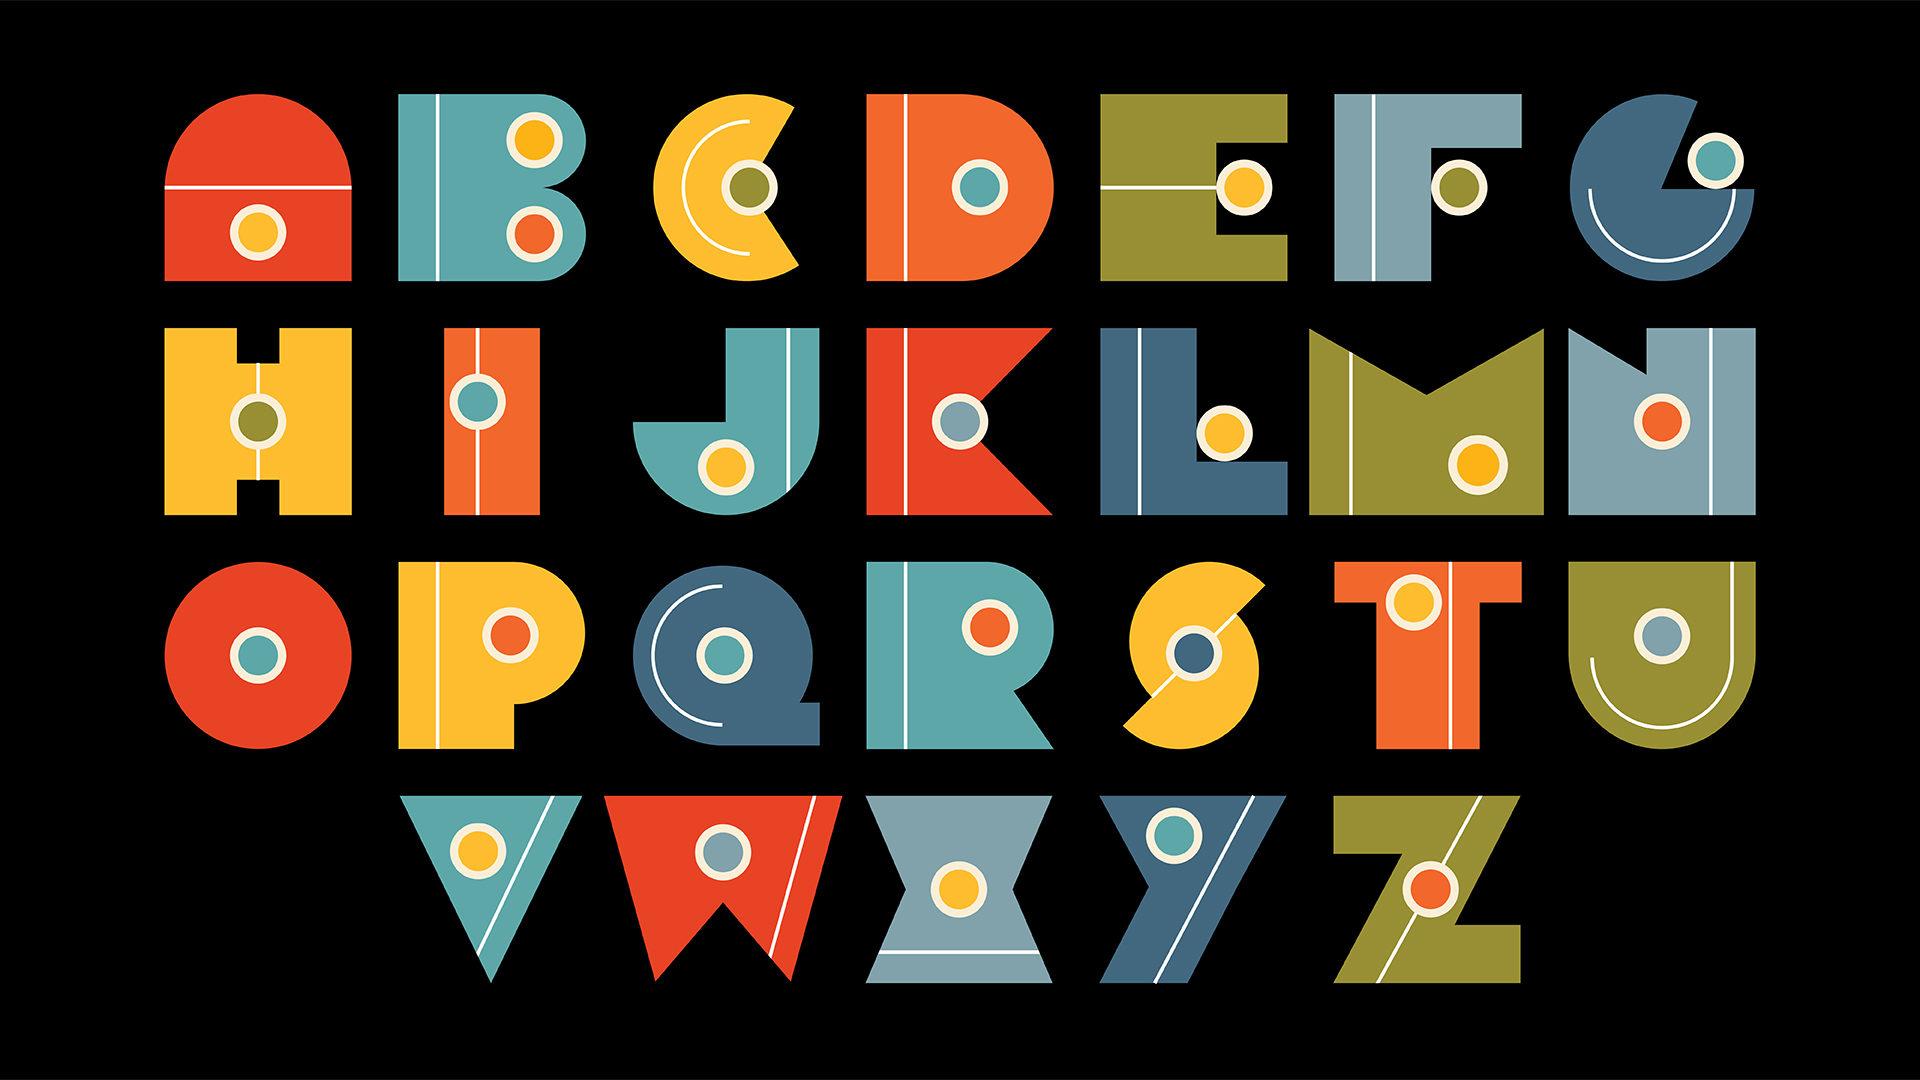 custom alphabets designed by Eunji Kim